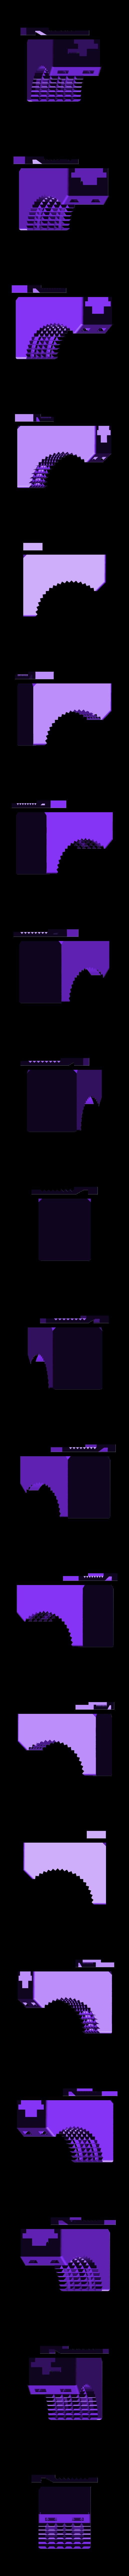 32mm_snapfit_handle_base_remix.stl Télécharger fichier STL gratuit poignée encliquetable pour montage sur barre (moletée, 22mm-34mm) • Objet imprimable en 3D, CyberCyclist